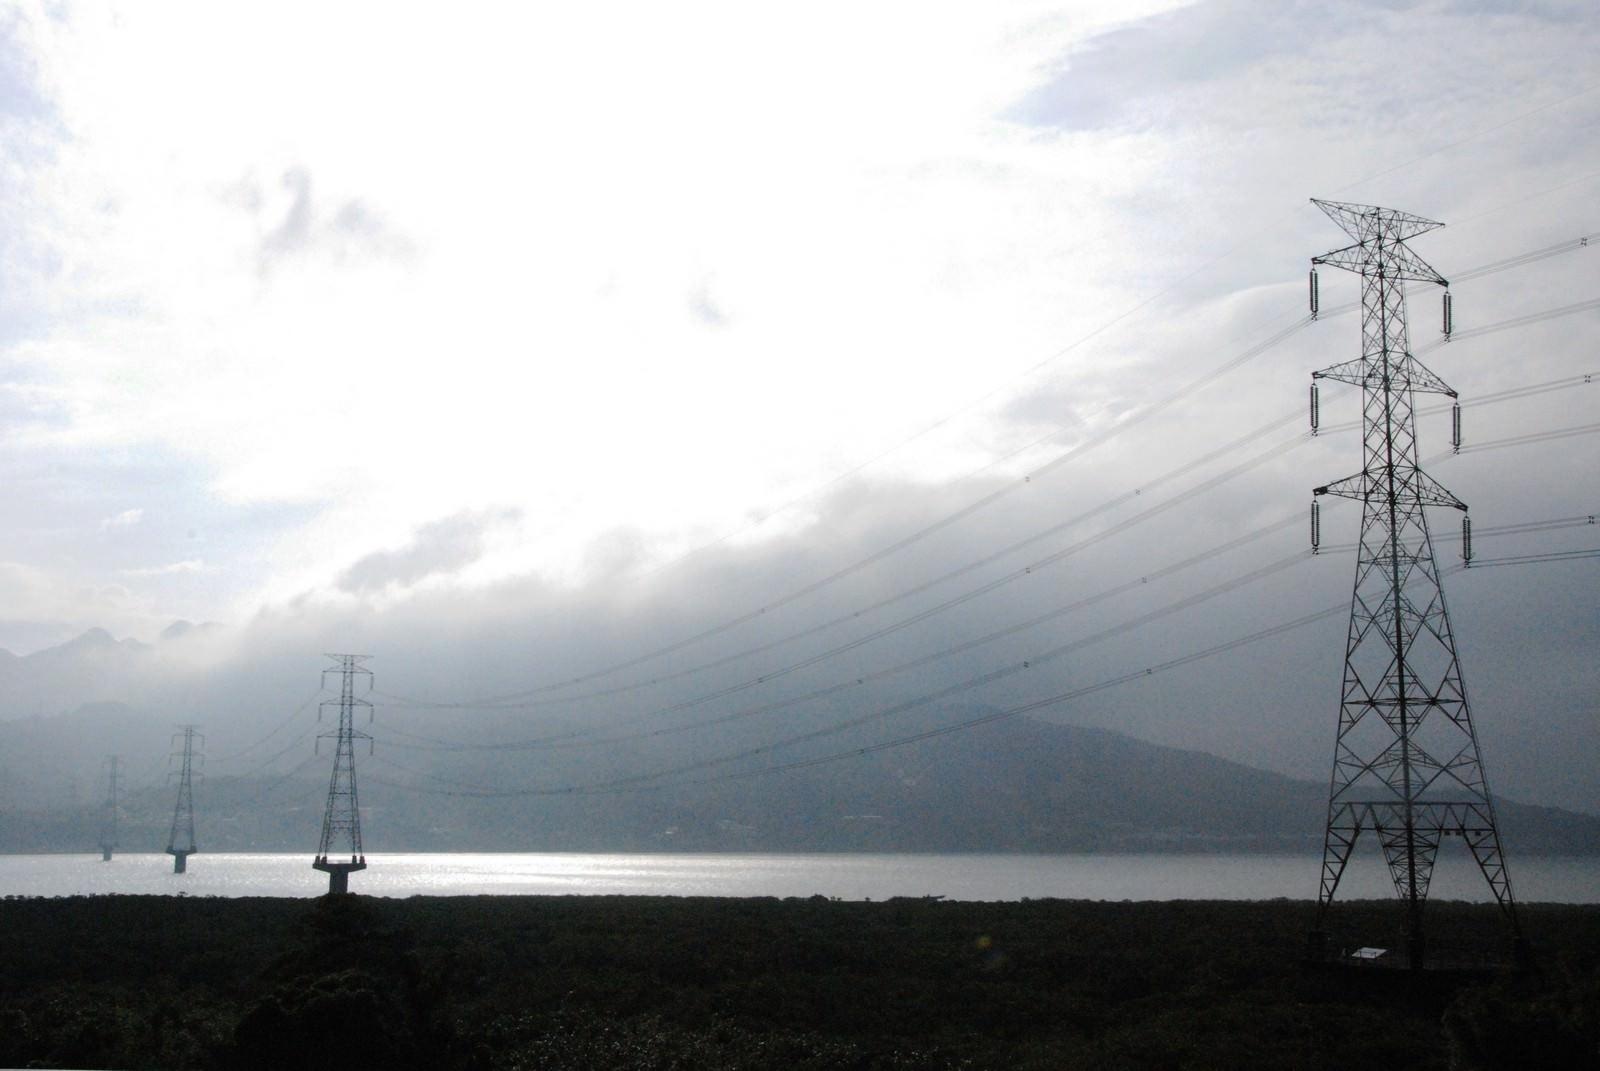 淡海輕軌綠山線, 輕軌紅樹林站, 周邊環境